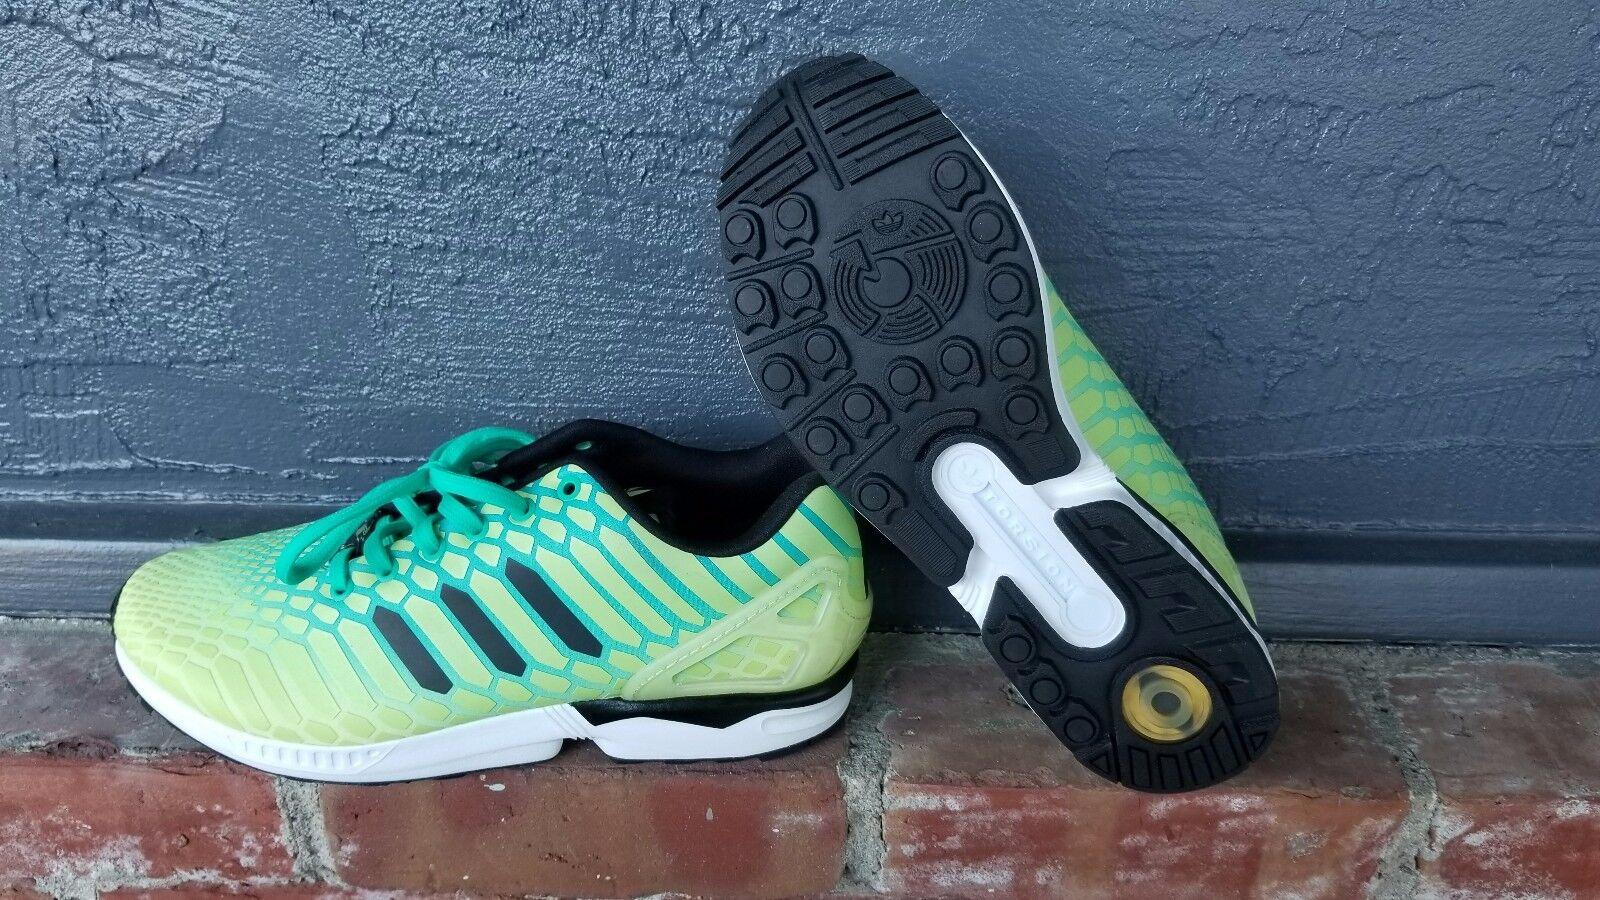 Nuove adidas fosforescente originali zx flusso aq8212 giallo fosforescente adidas uomo 10,5 noi 02922d